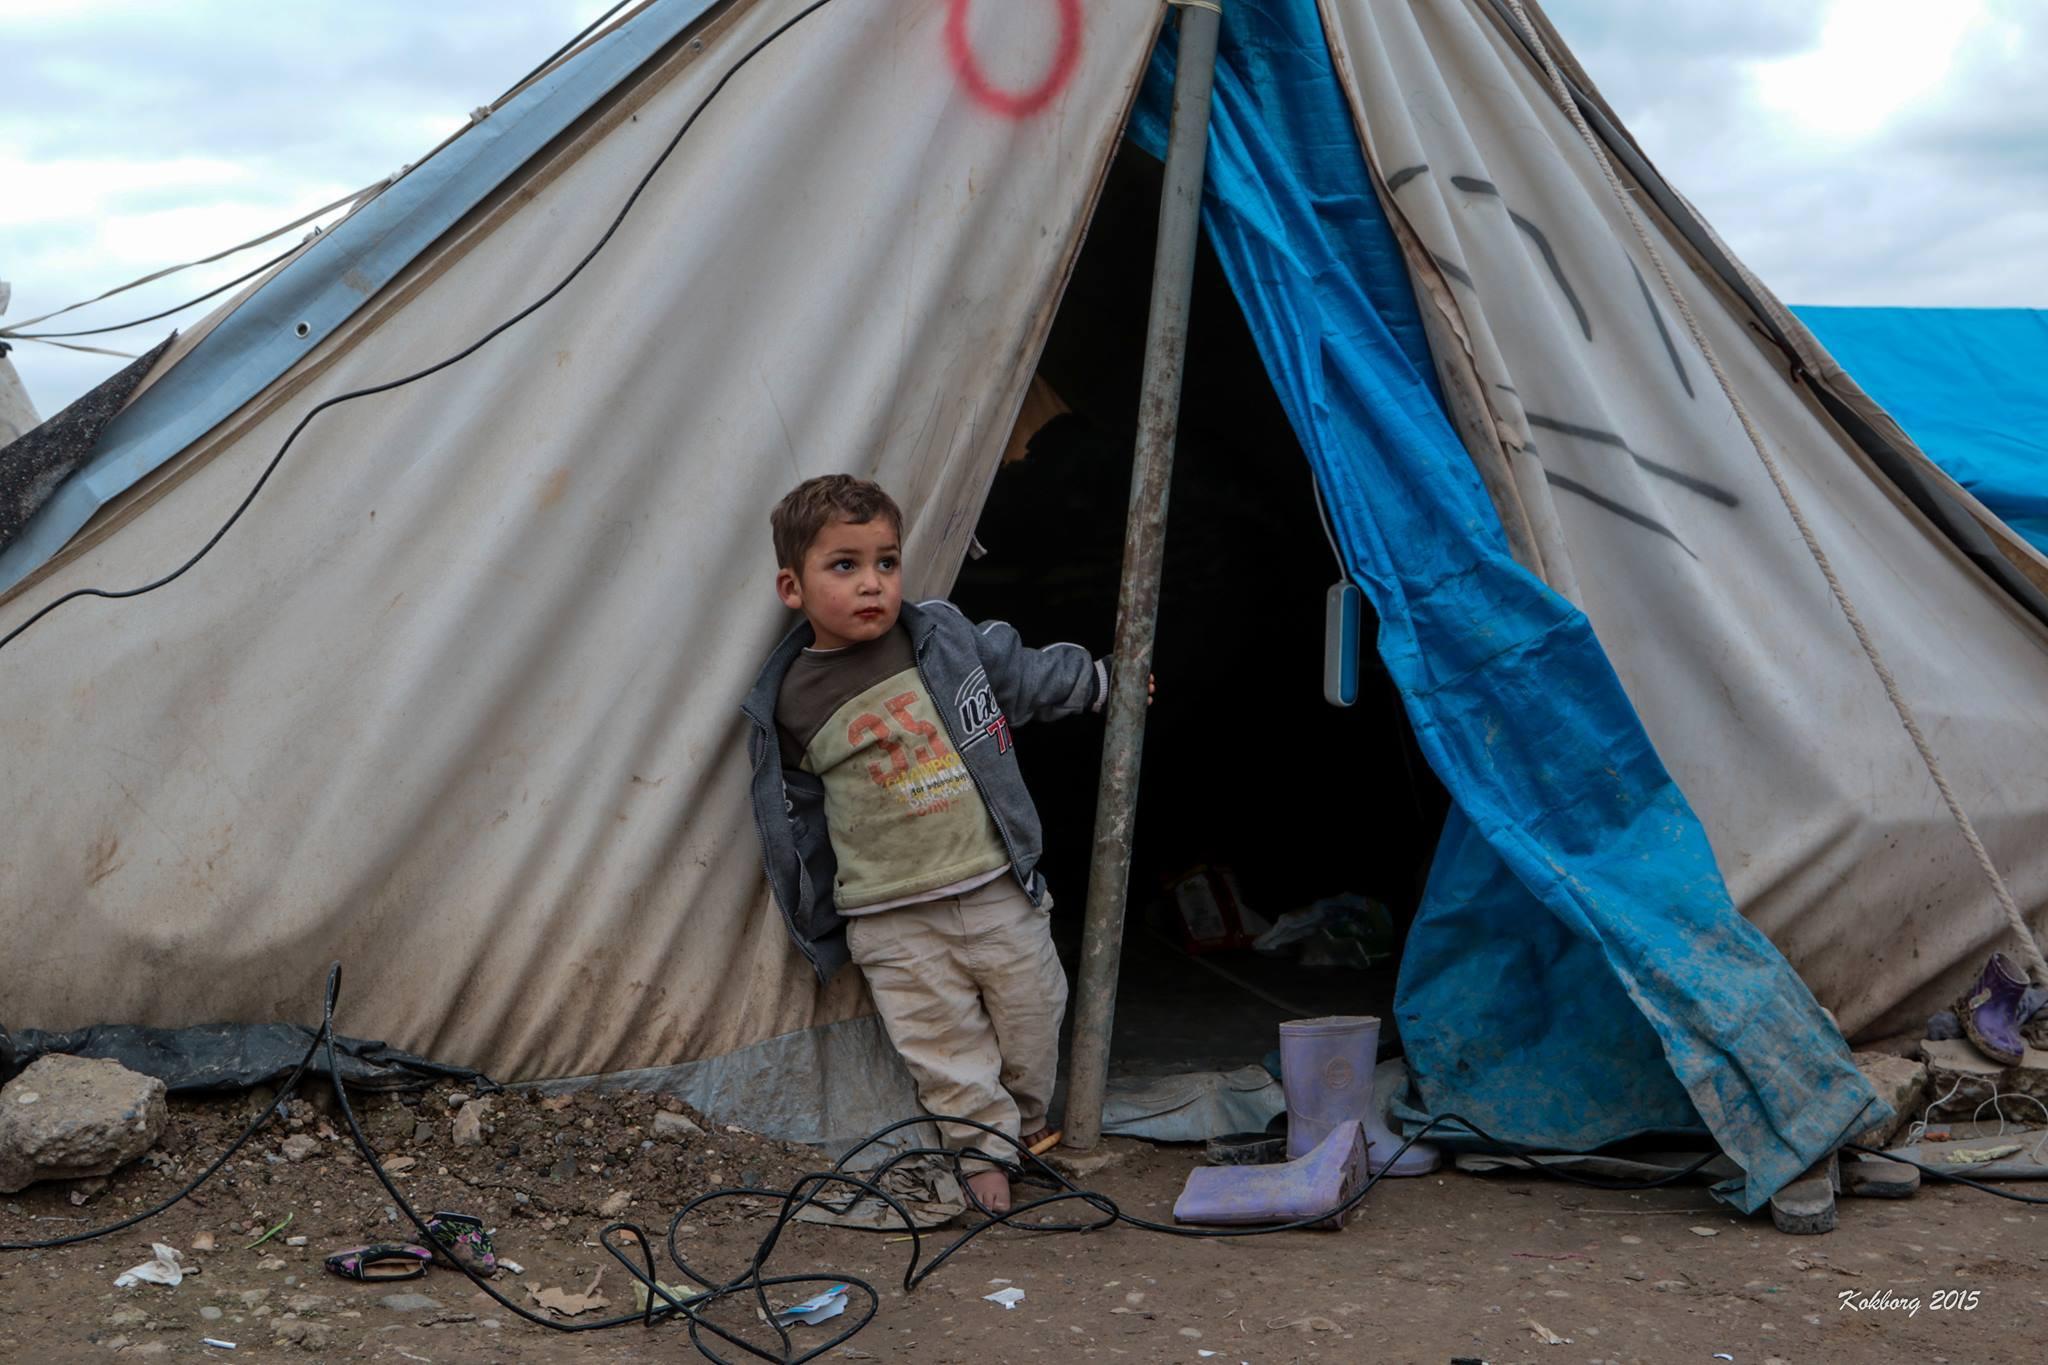 Flygtninge skal ikke behandles som ofre